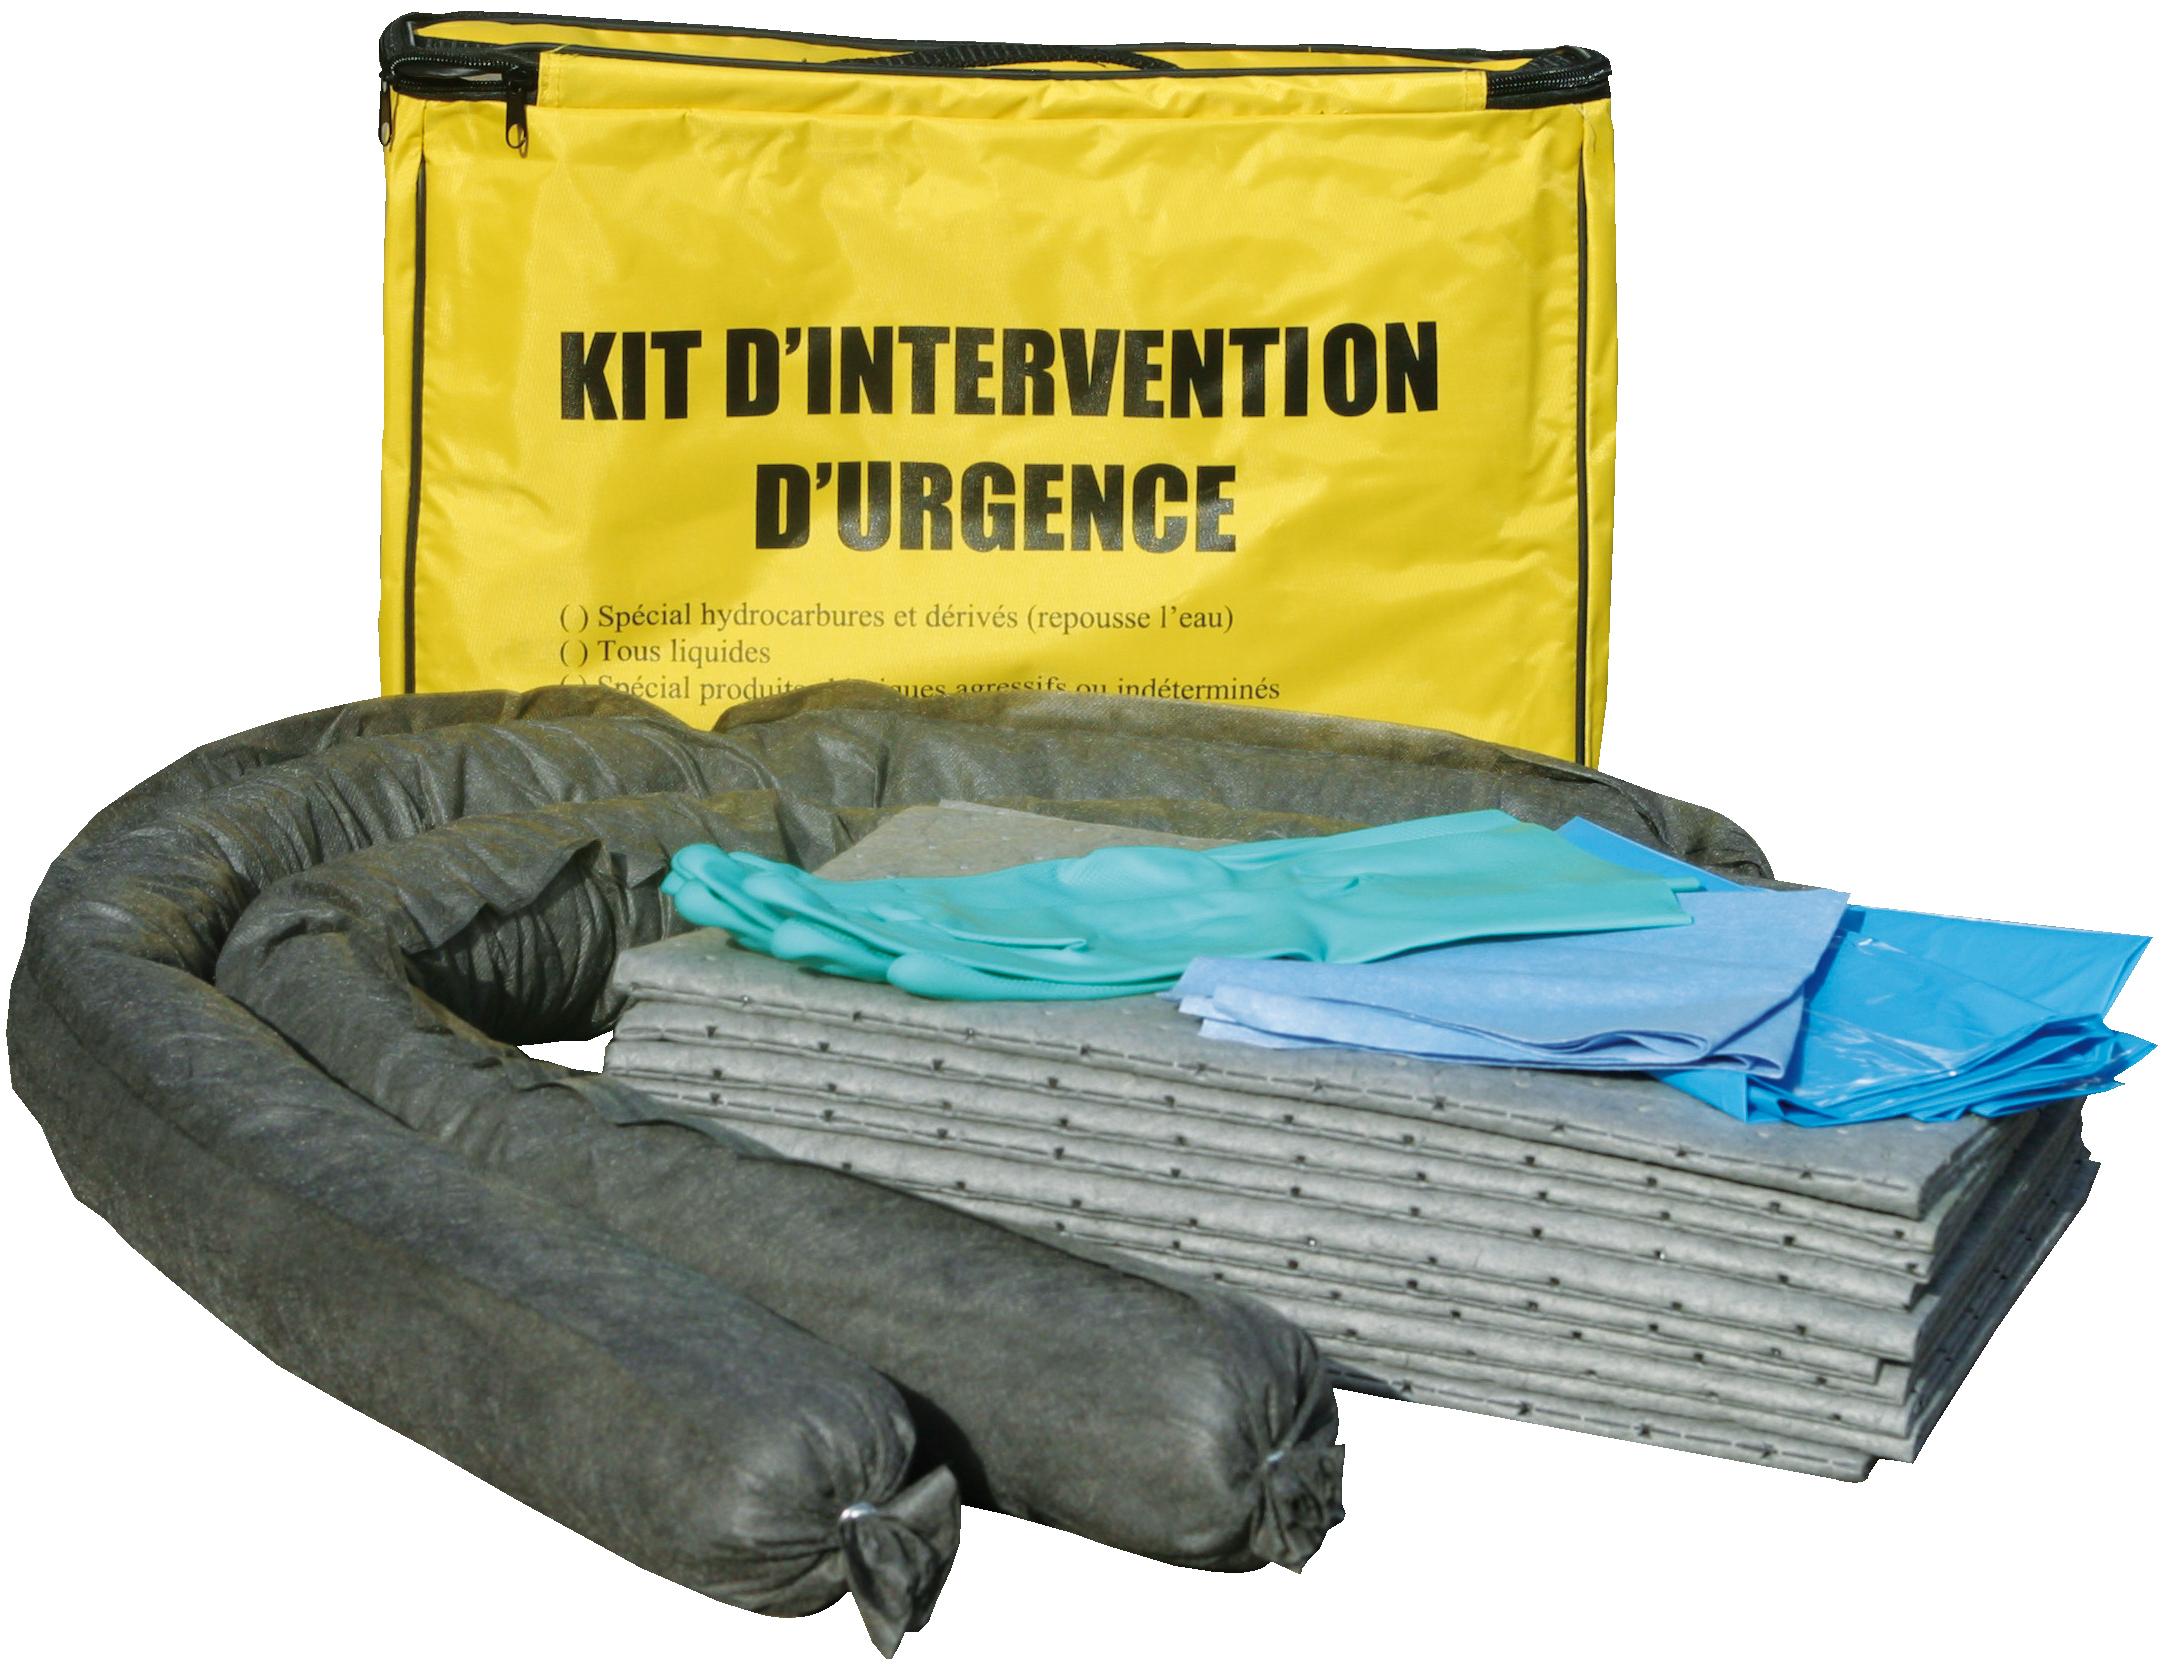 kit absorbant pour tous liquides volume 45 l. Black Bedroom Furniture Sets. Home Design Ideas